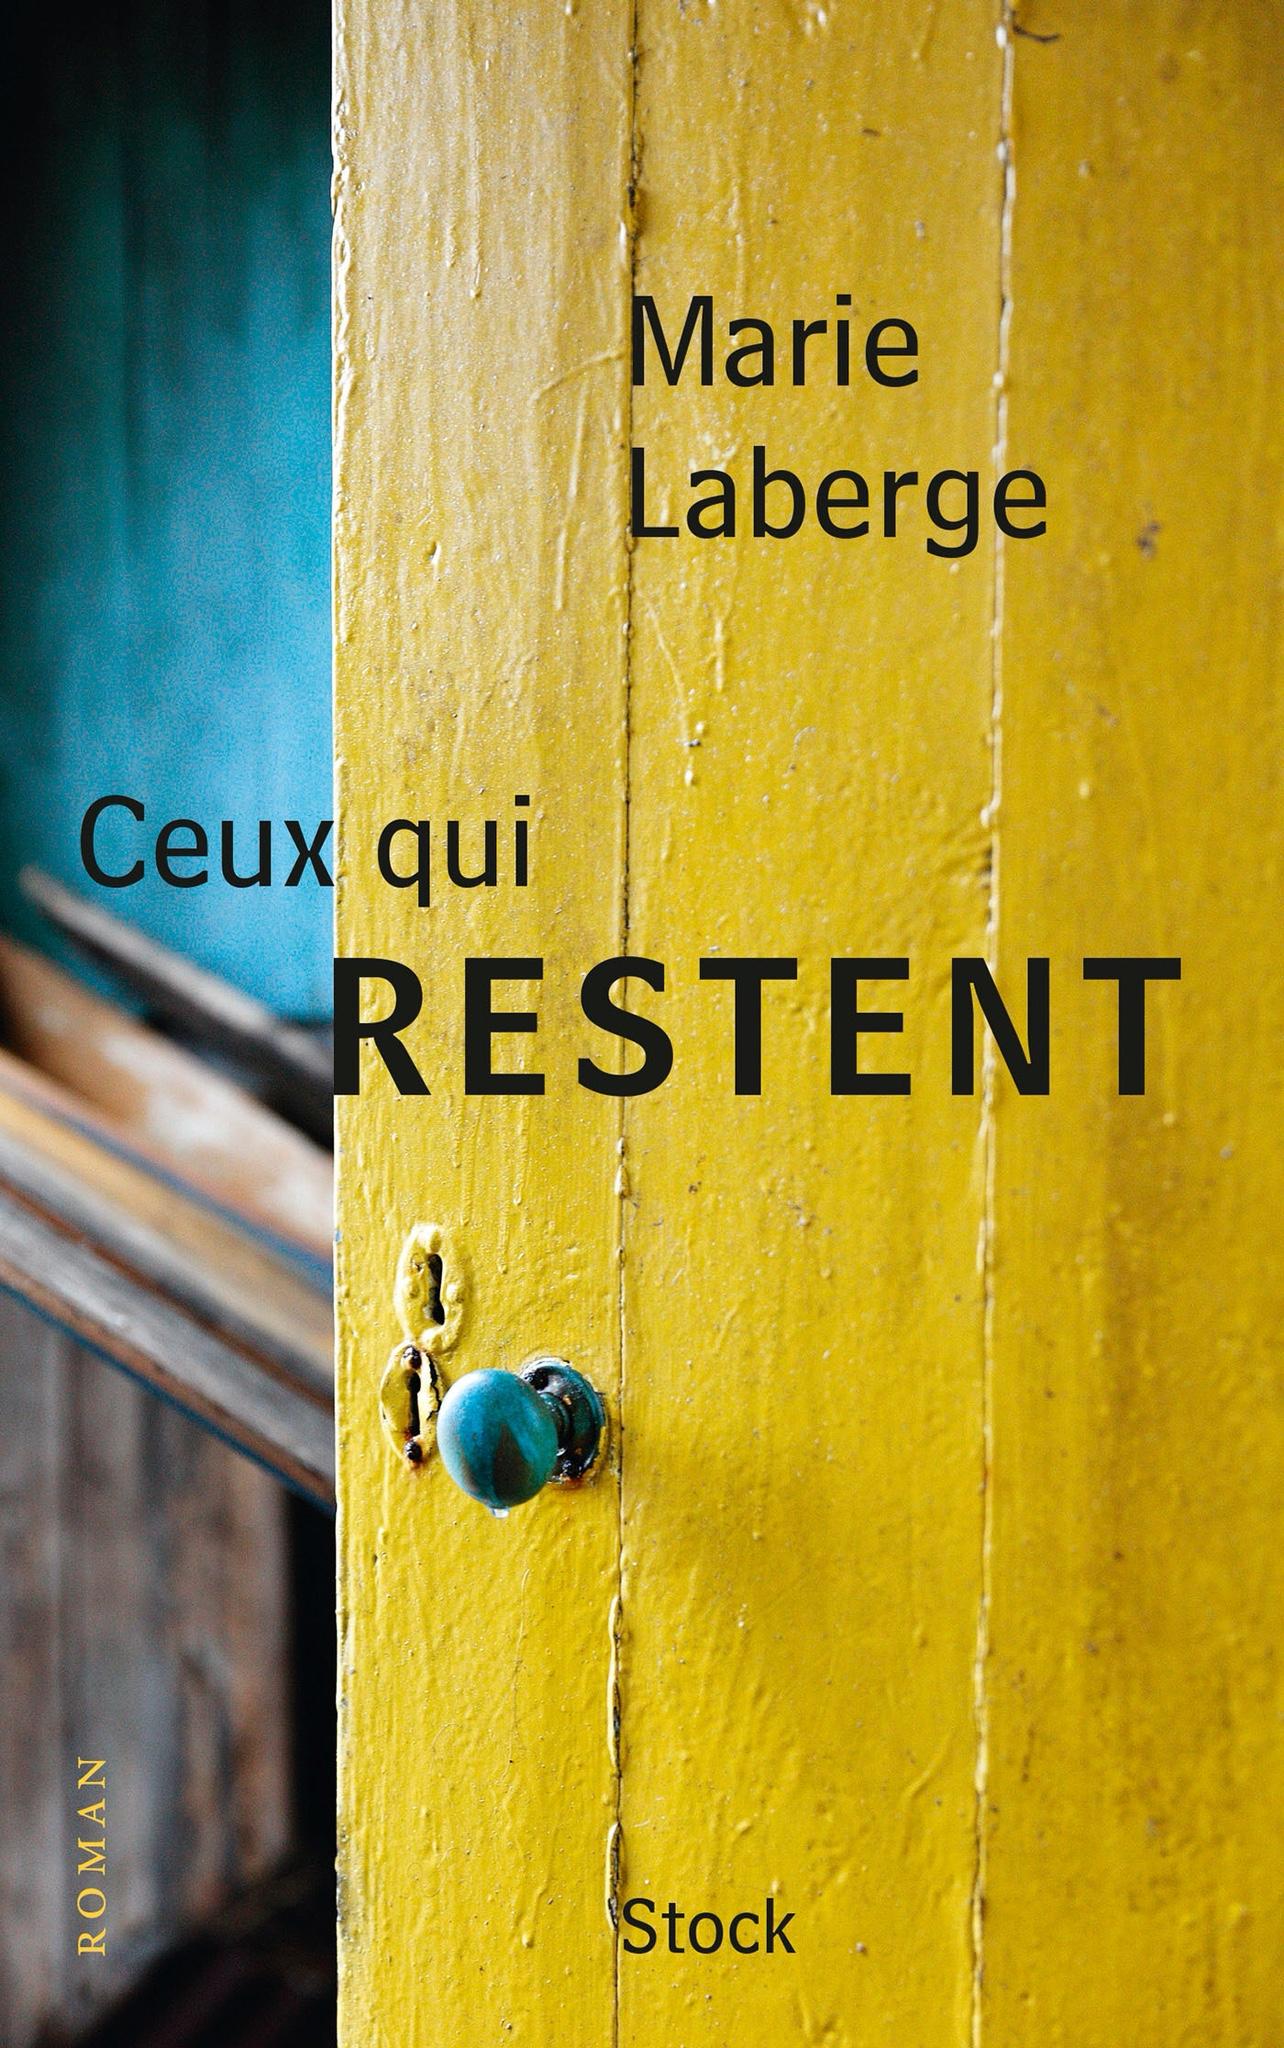 Marie Laberge : Ceux qui restent